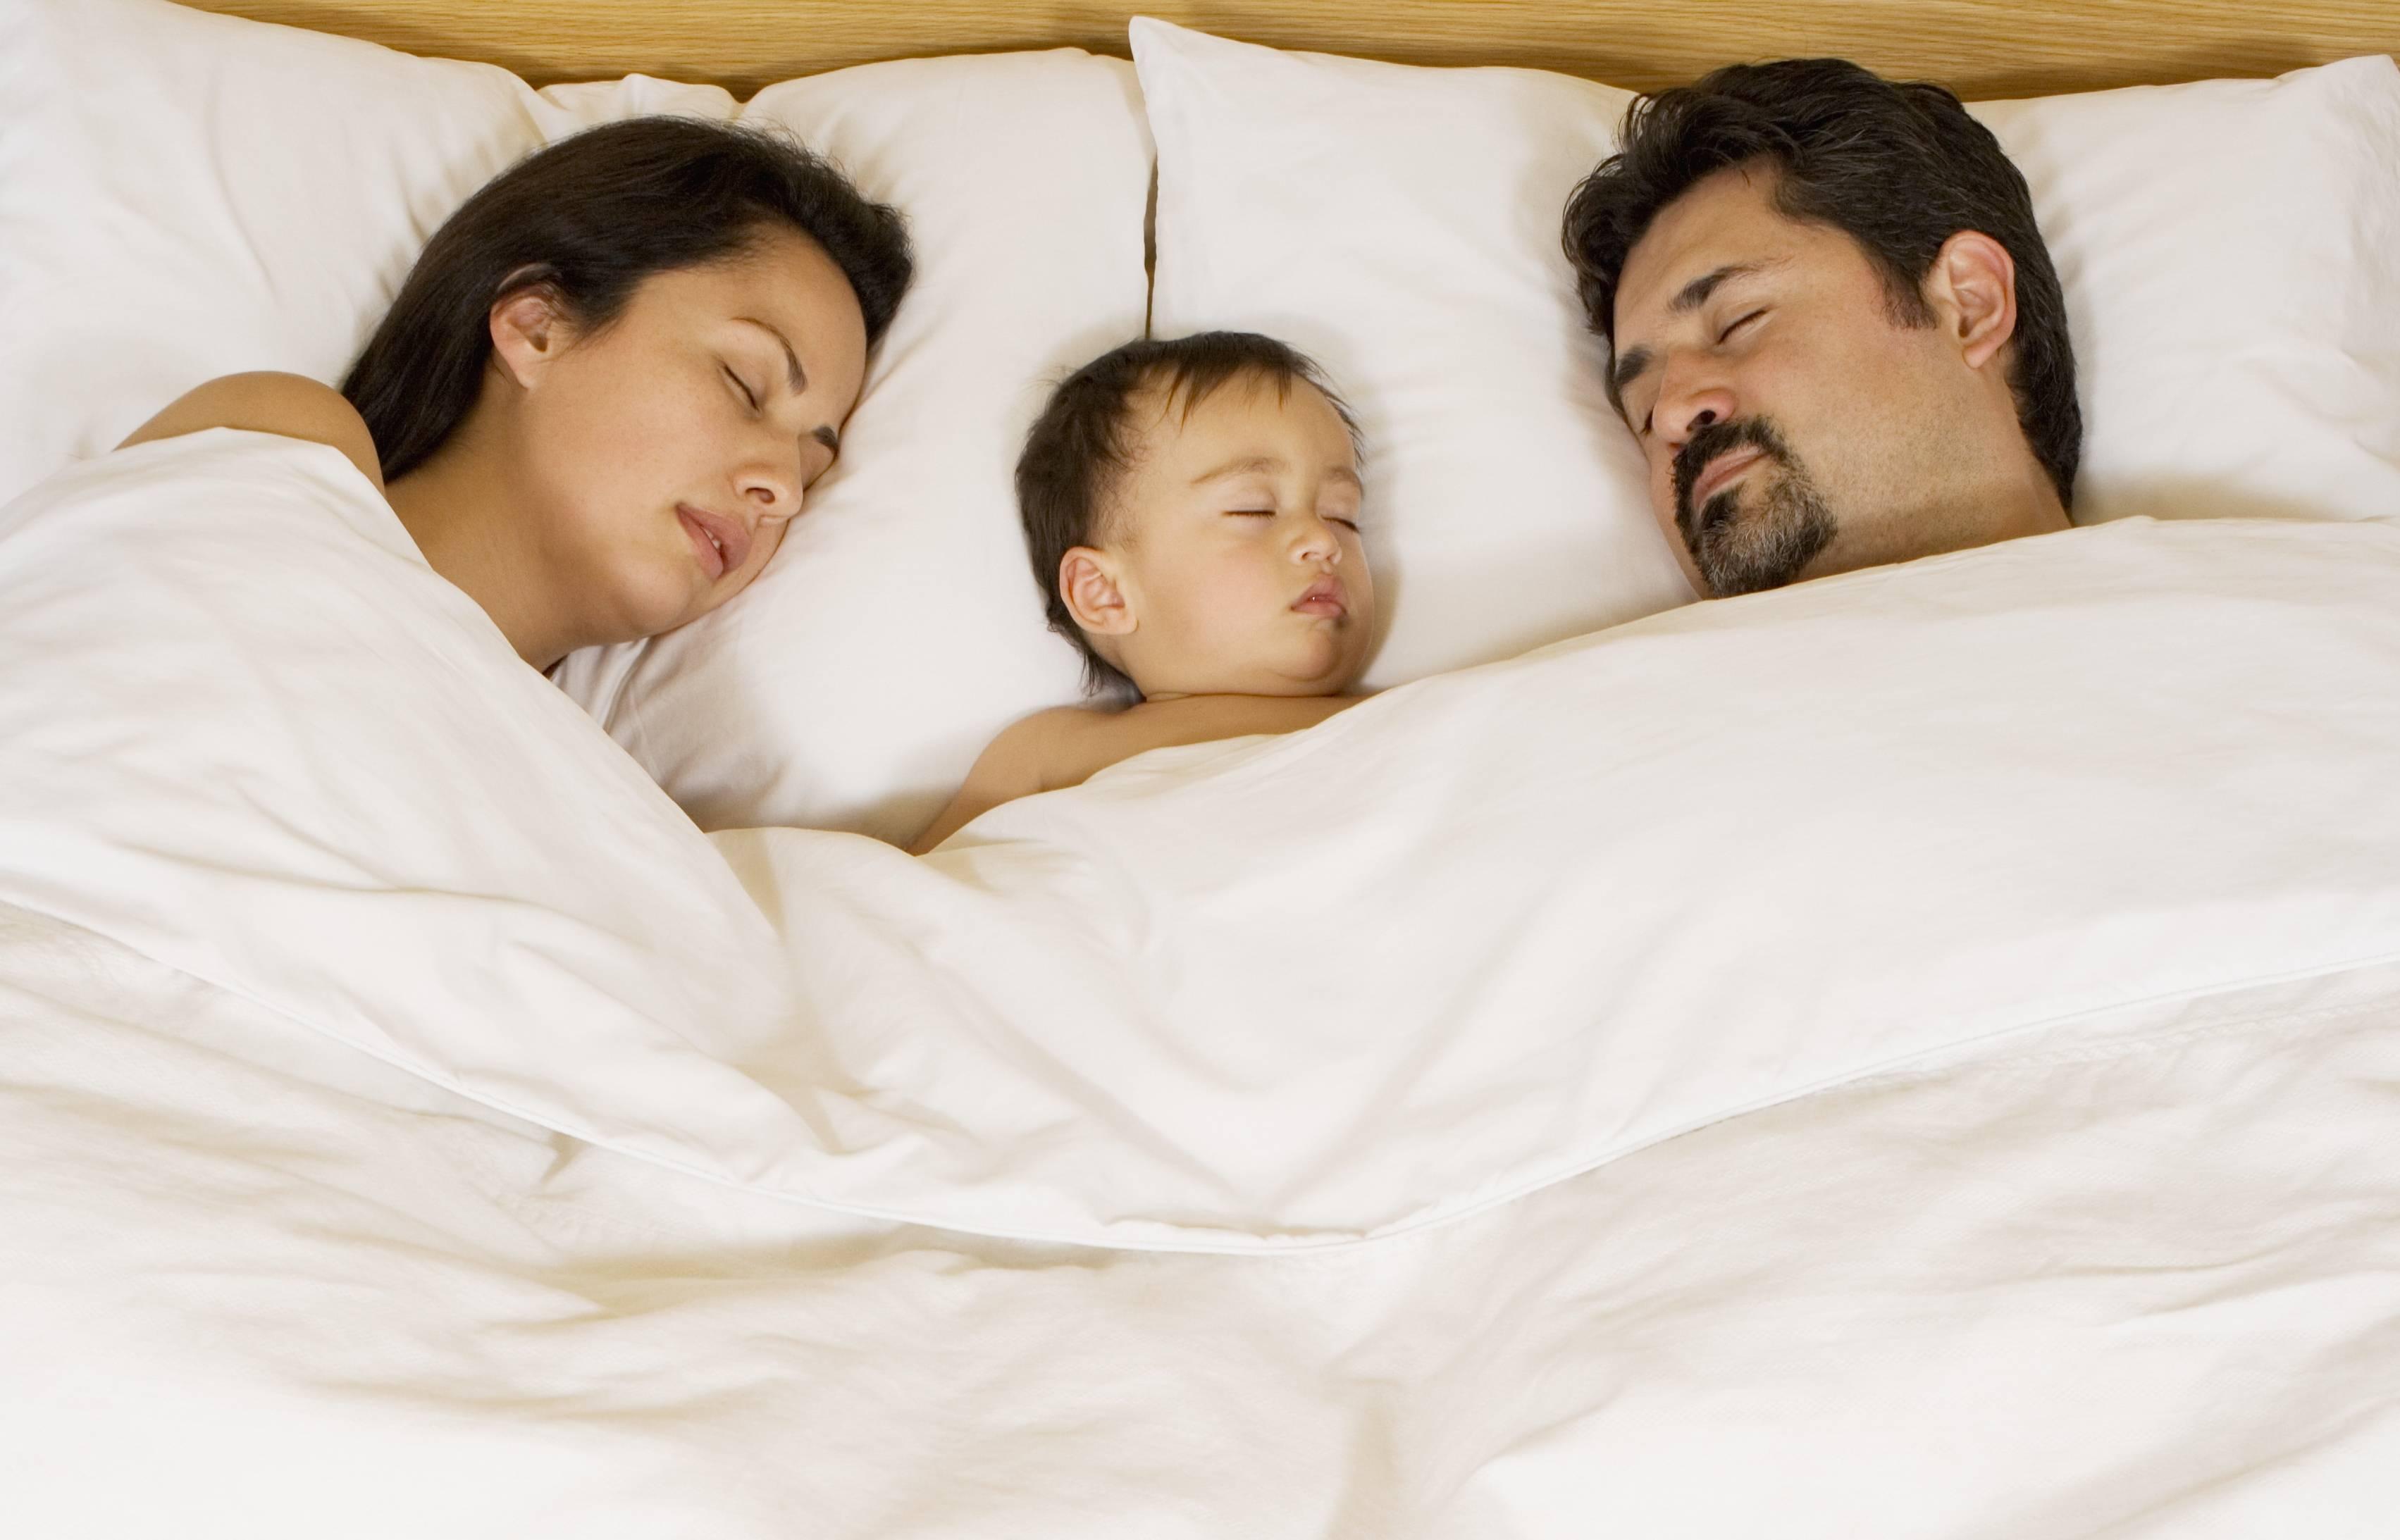 Почему люди предпочитают спать вместе или раздельно